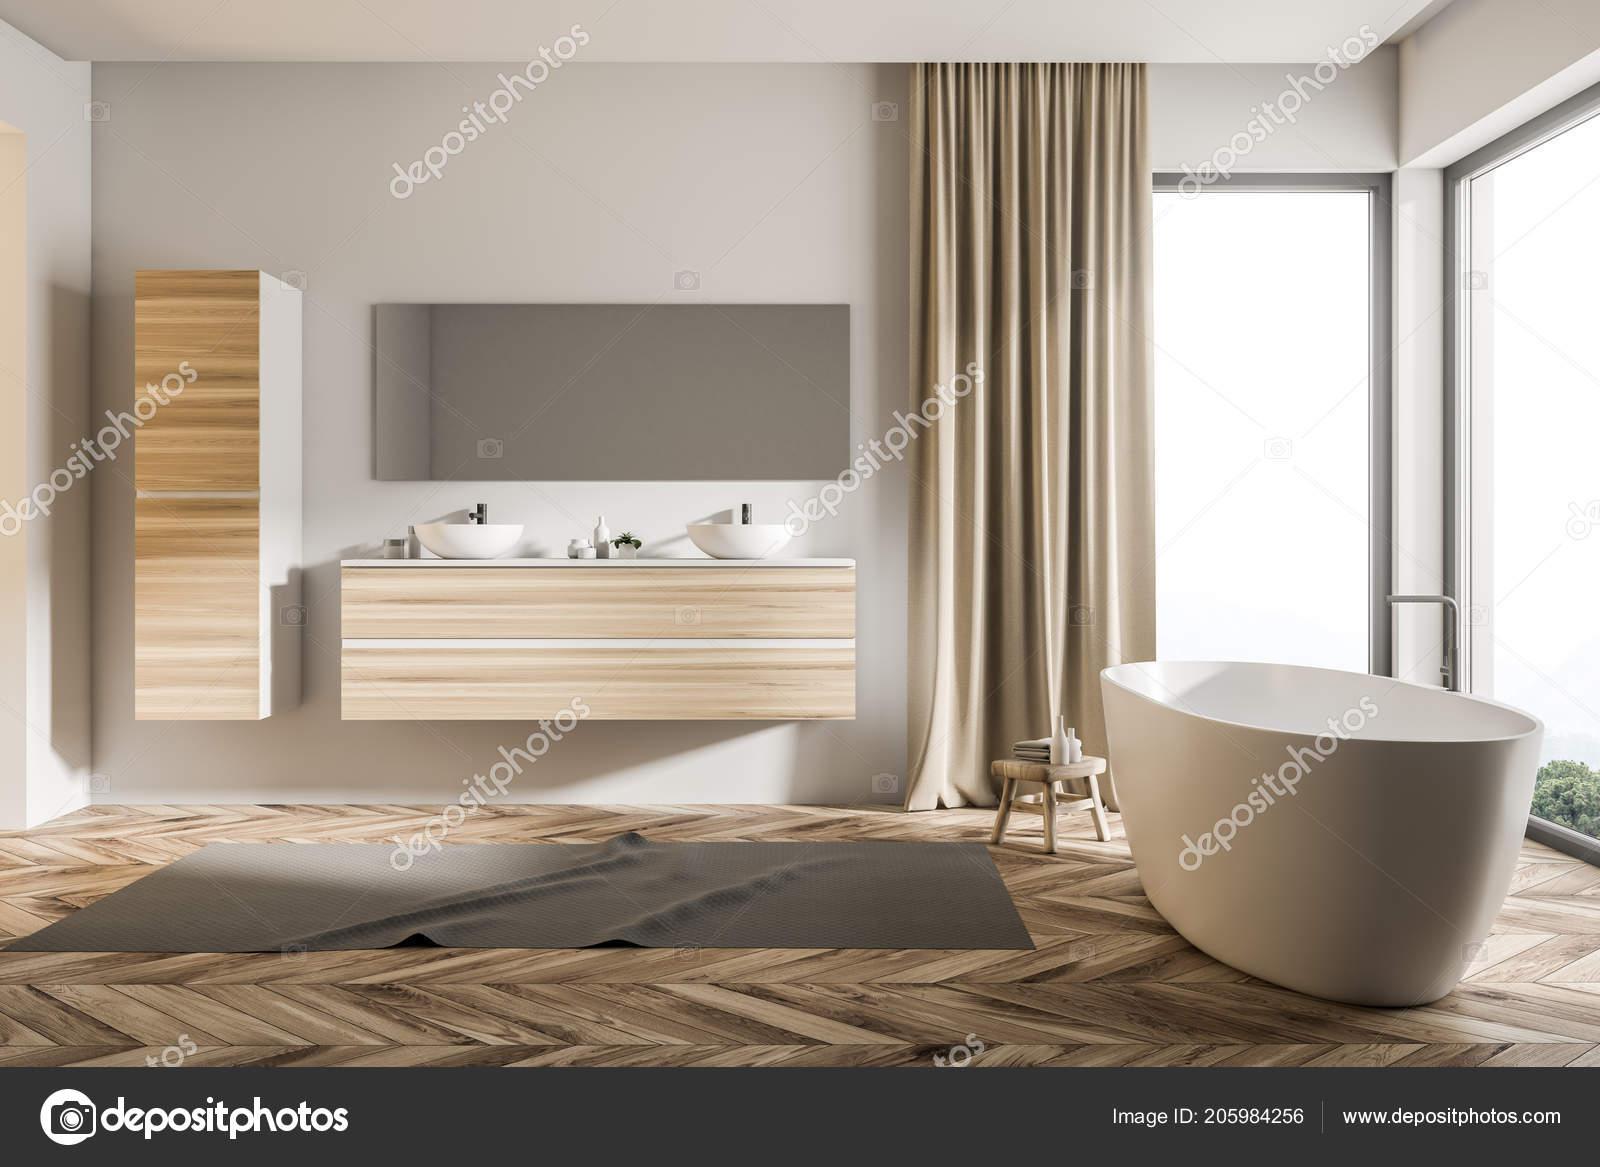 Kastje Badkamer Afbeeldingen : Badkamer kast planken maatwerkmeubelen van hout